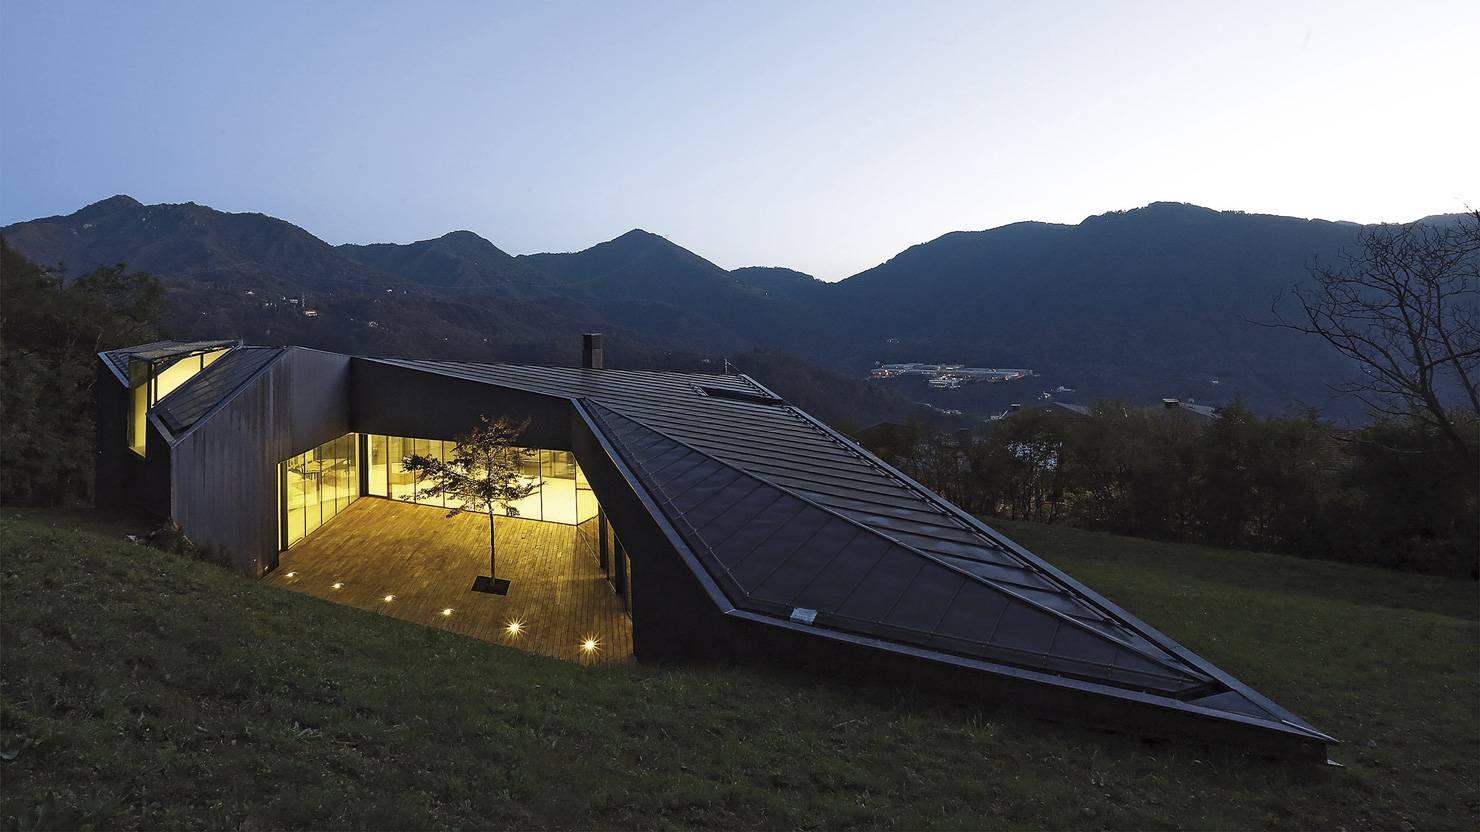 serramenti-ottone-brunito-villa-alps-camillo-botticini-architect-3_project_big